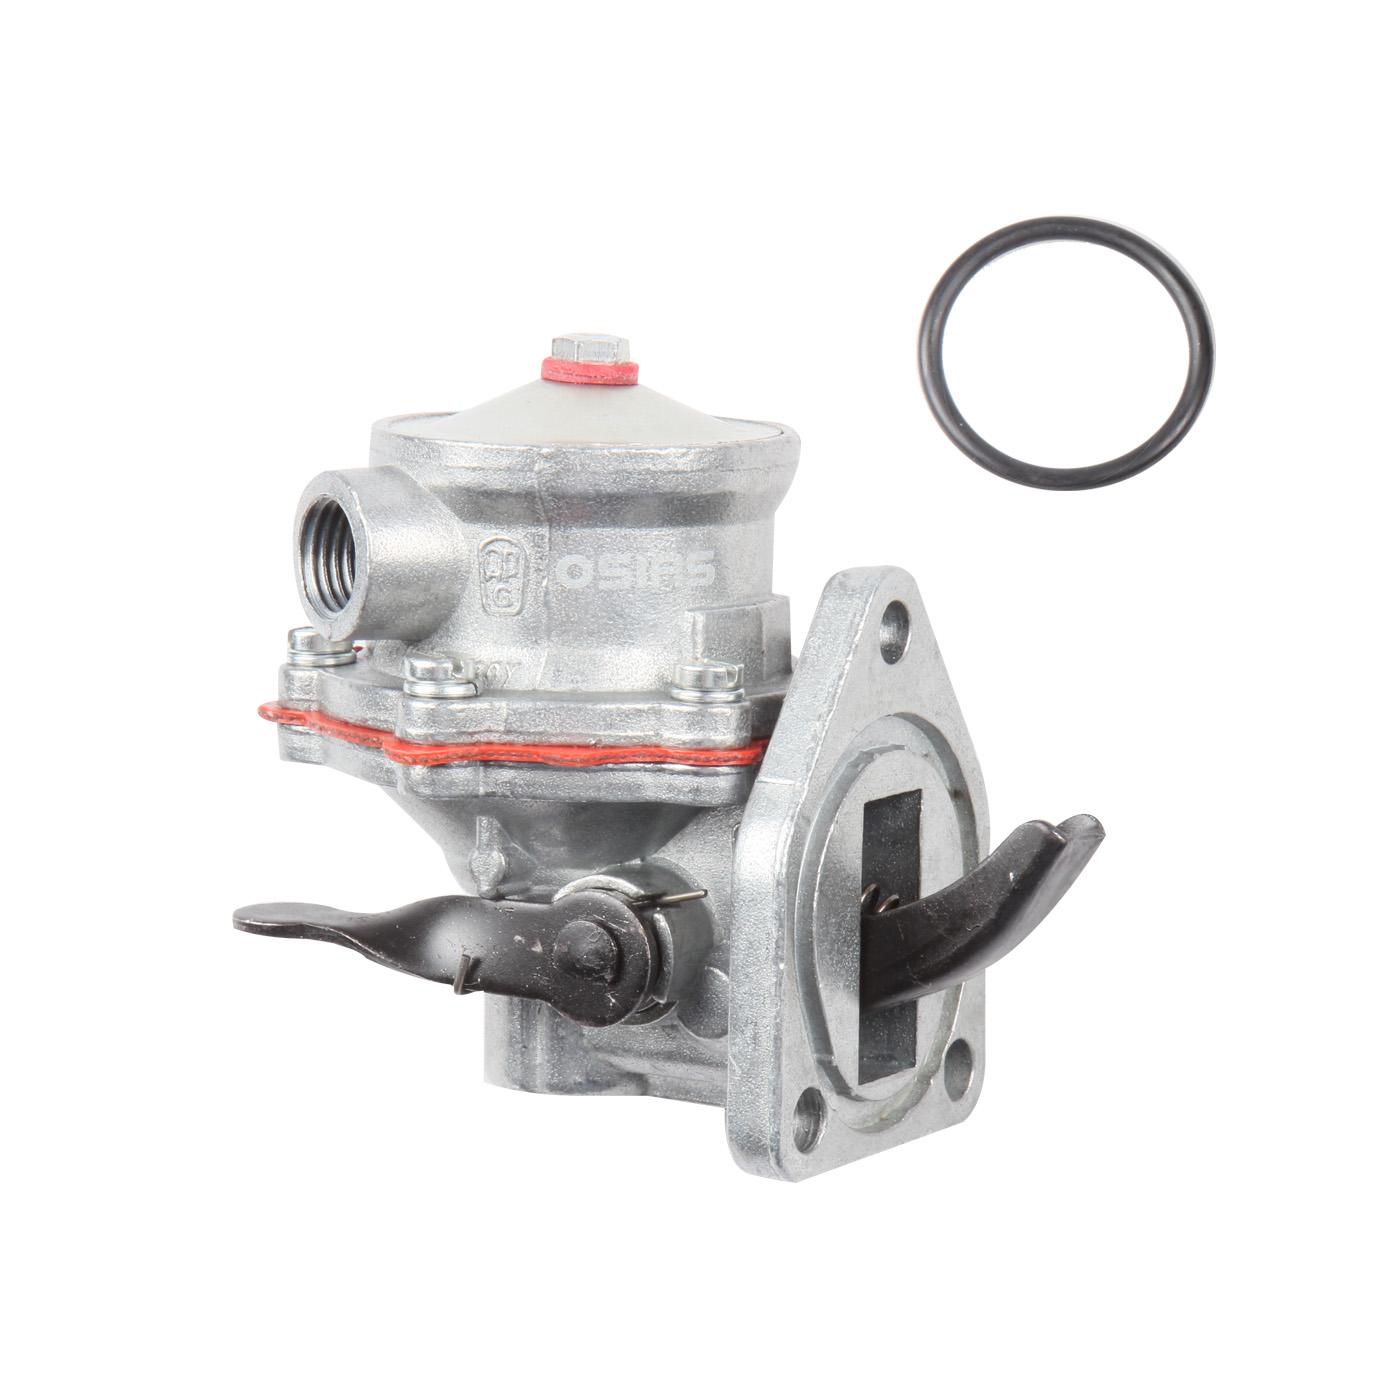 Deutz fuel Pump F3L912 F4L912 F5L912 F6L912 912W Fuel Transfer Pump 4231021